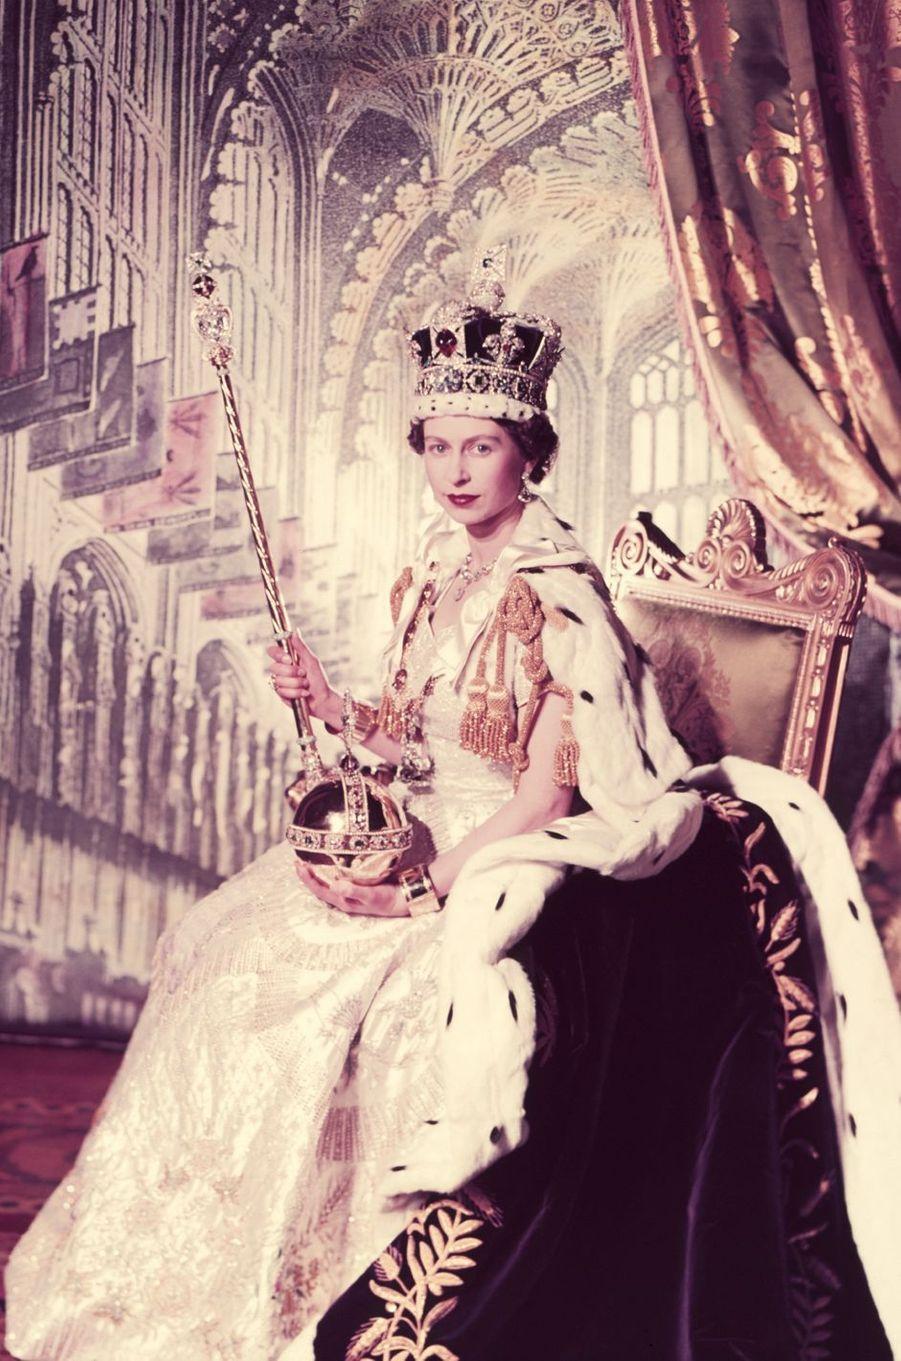 La reine Elizabeth II coiffée de la Couronne impériale, sur la photo officielle de son couronnement